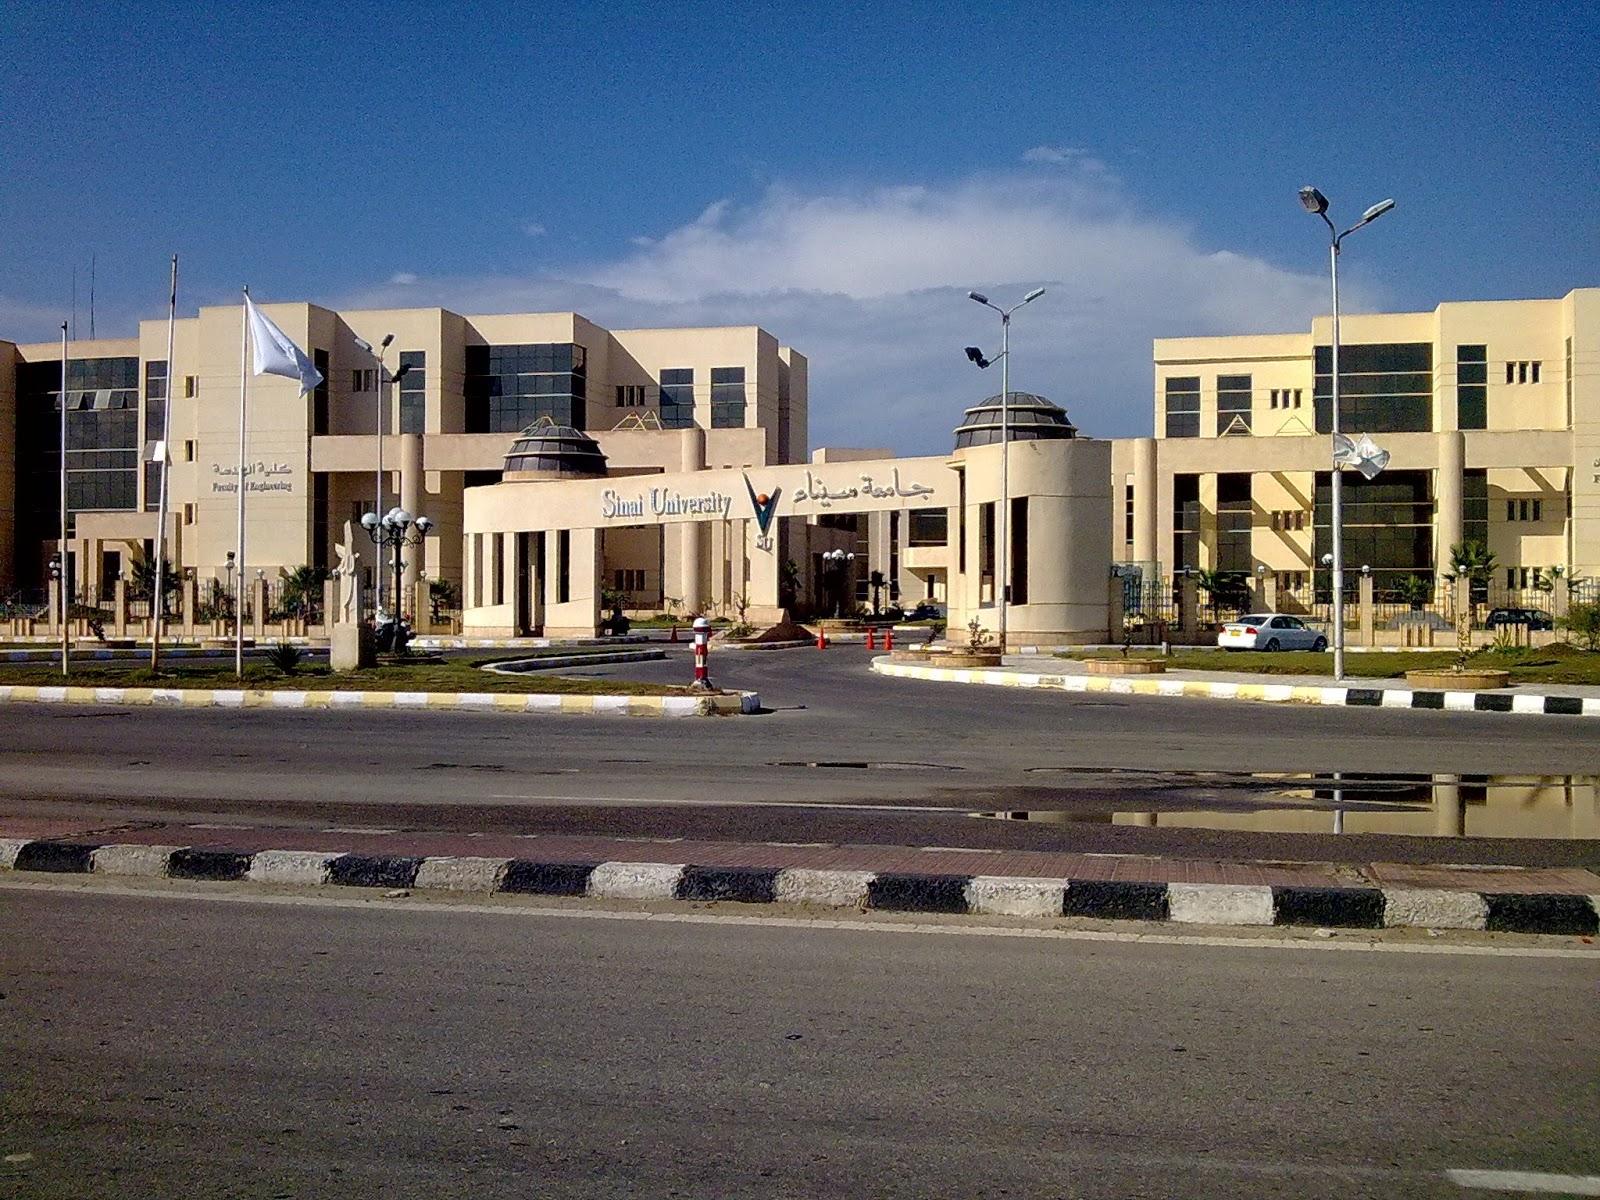 عاجل ظهور نتيجة جامعة سيناء ربيع 2017 الترم الثاني كلية الهندسة الصيدلة طب اسنان